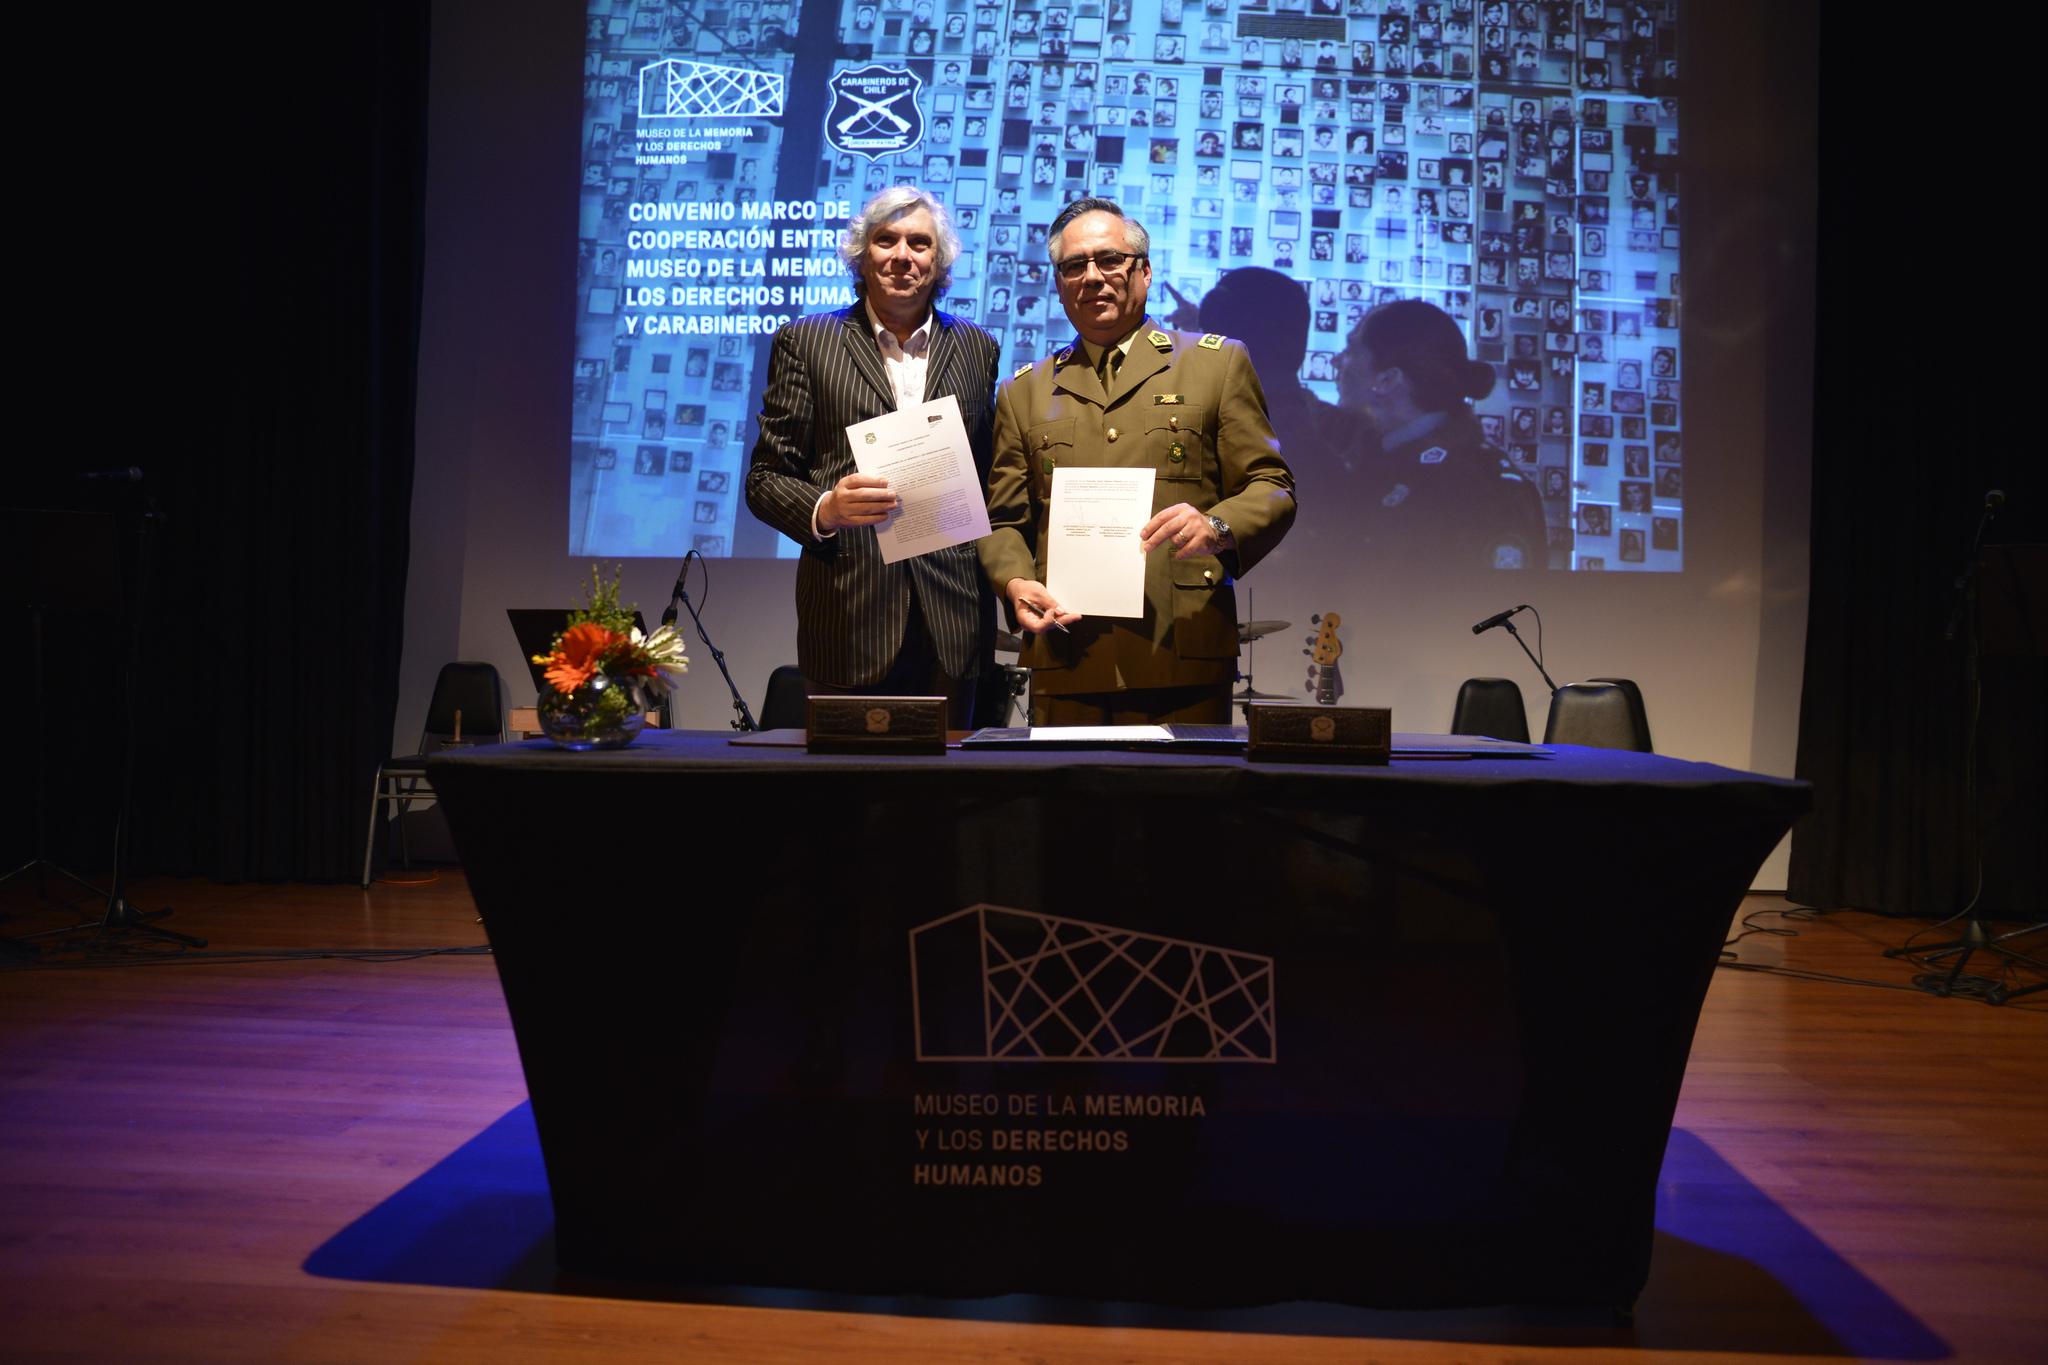 Museo de la Memoria avanza en formación en Derechos Humanos de Carabineros